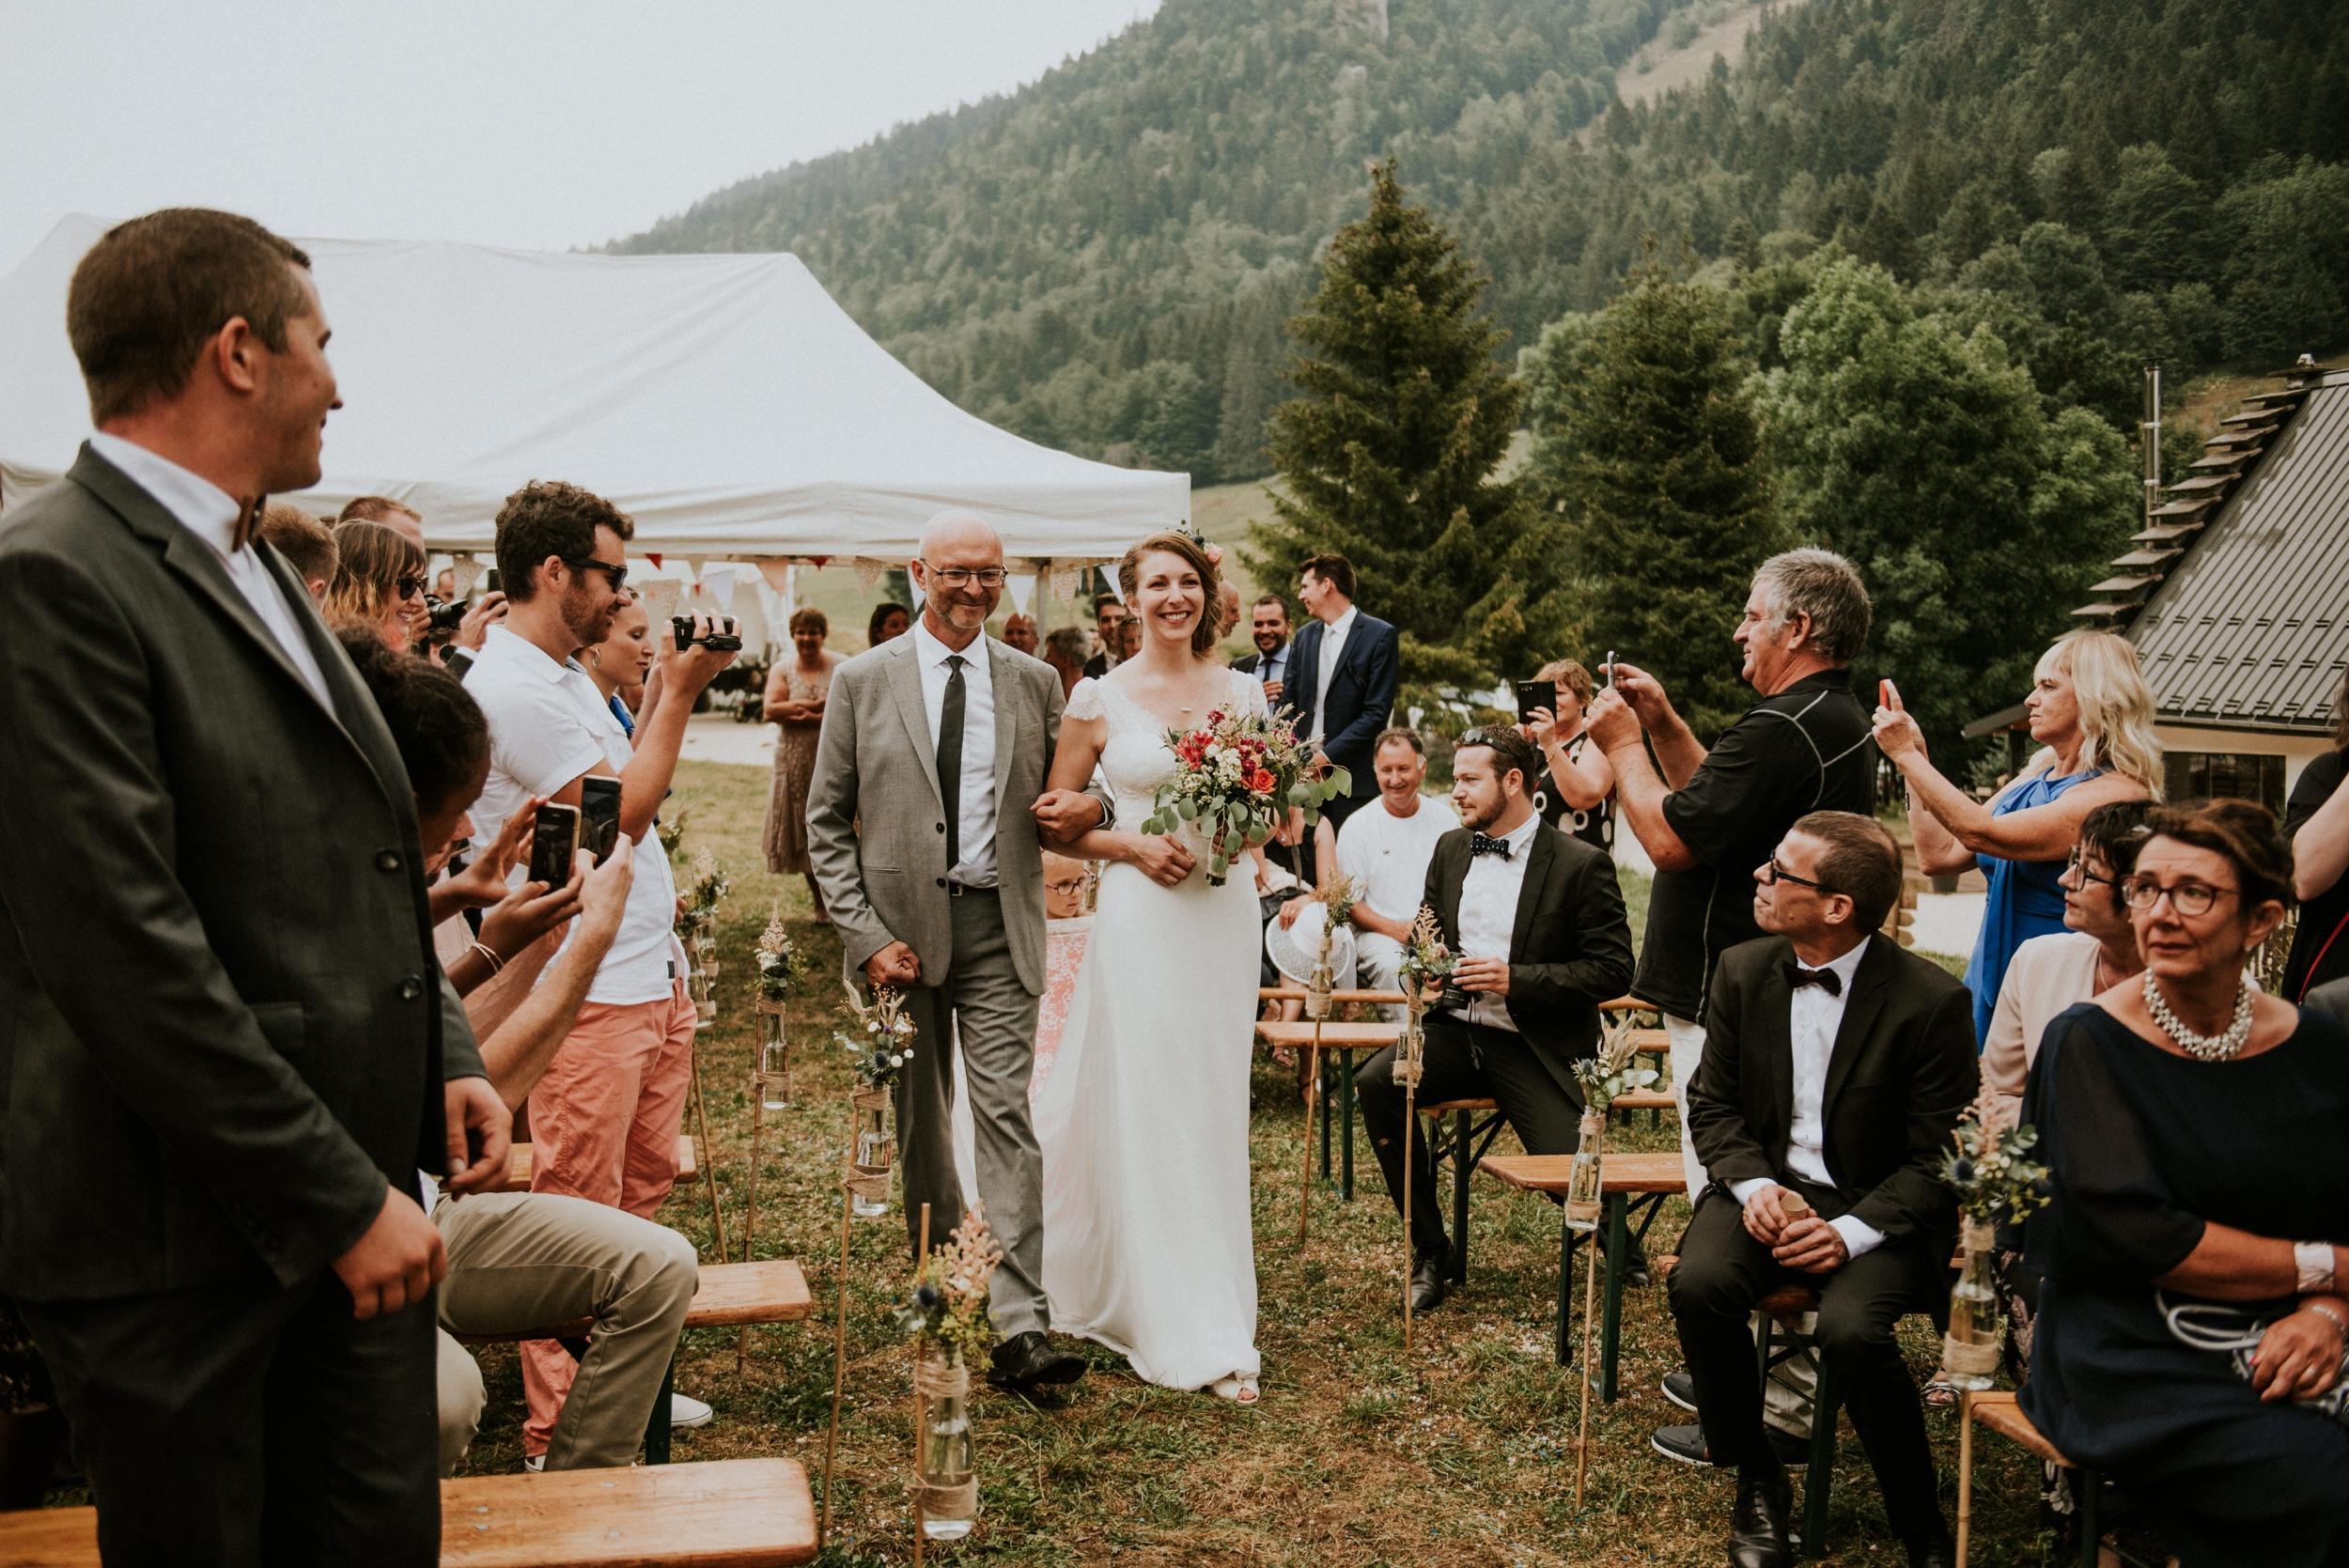 photographe mariage rhone alpes grenoble lyon annecy geneve montagne ceremonie laique_0008